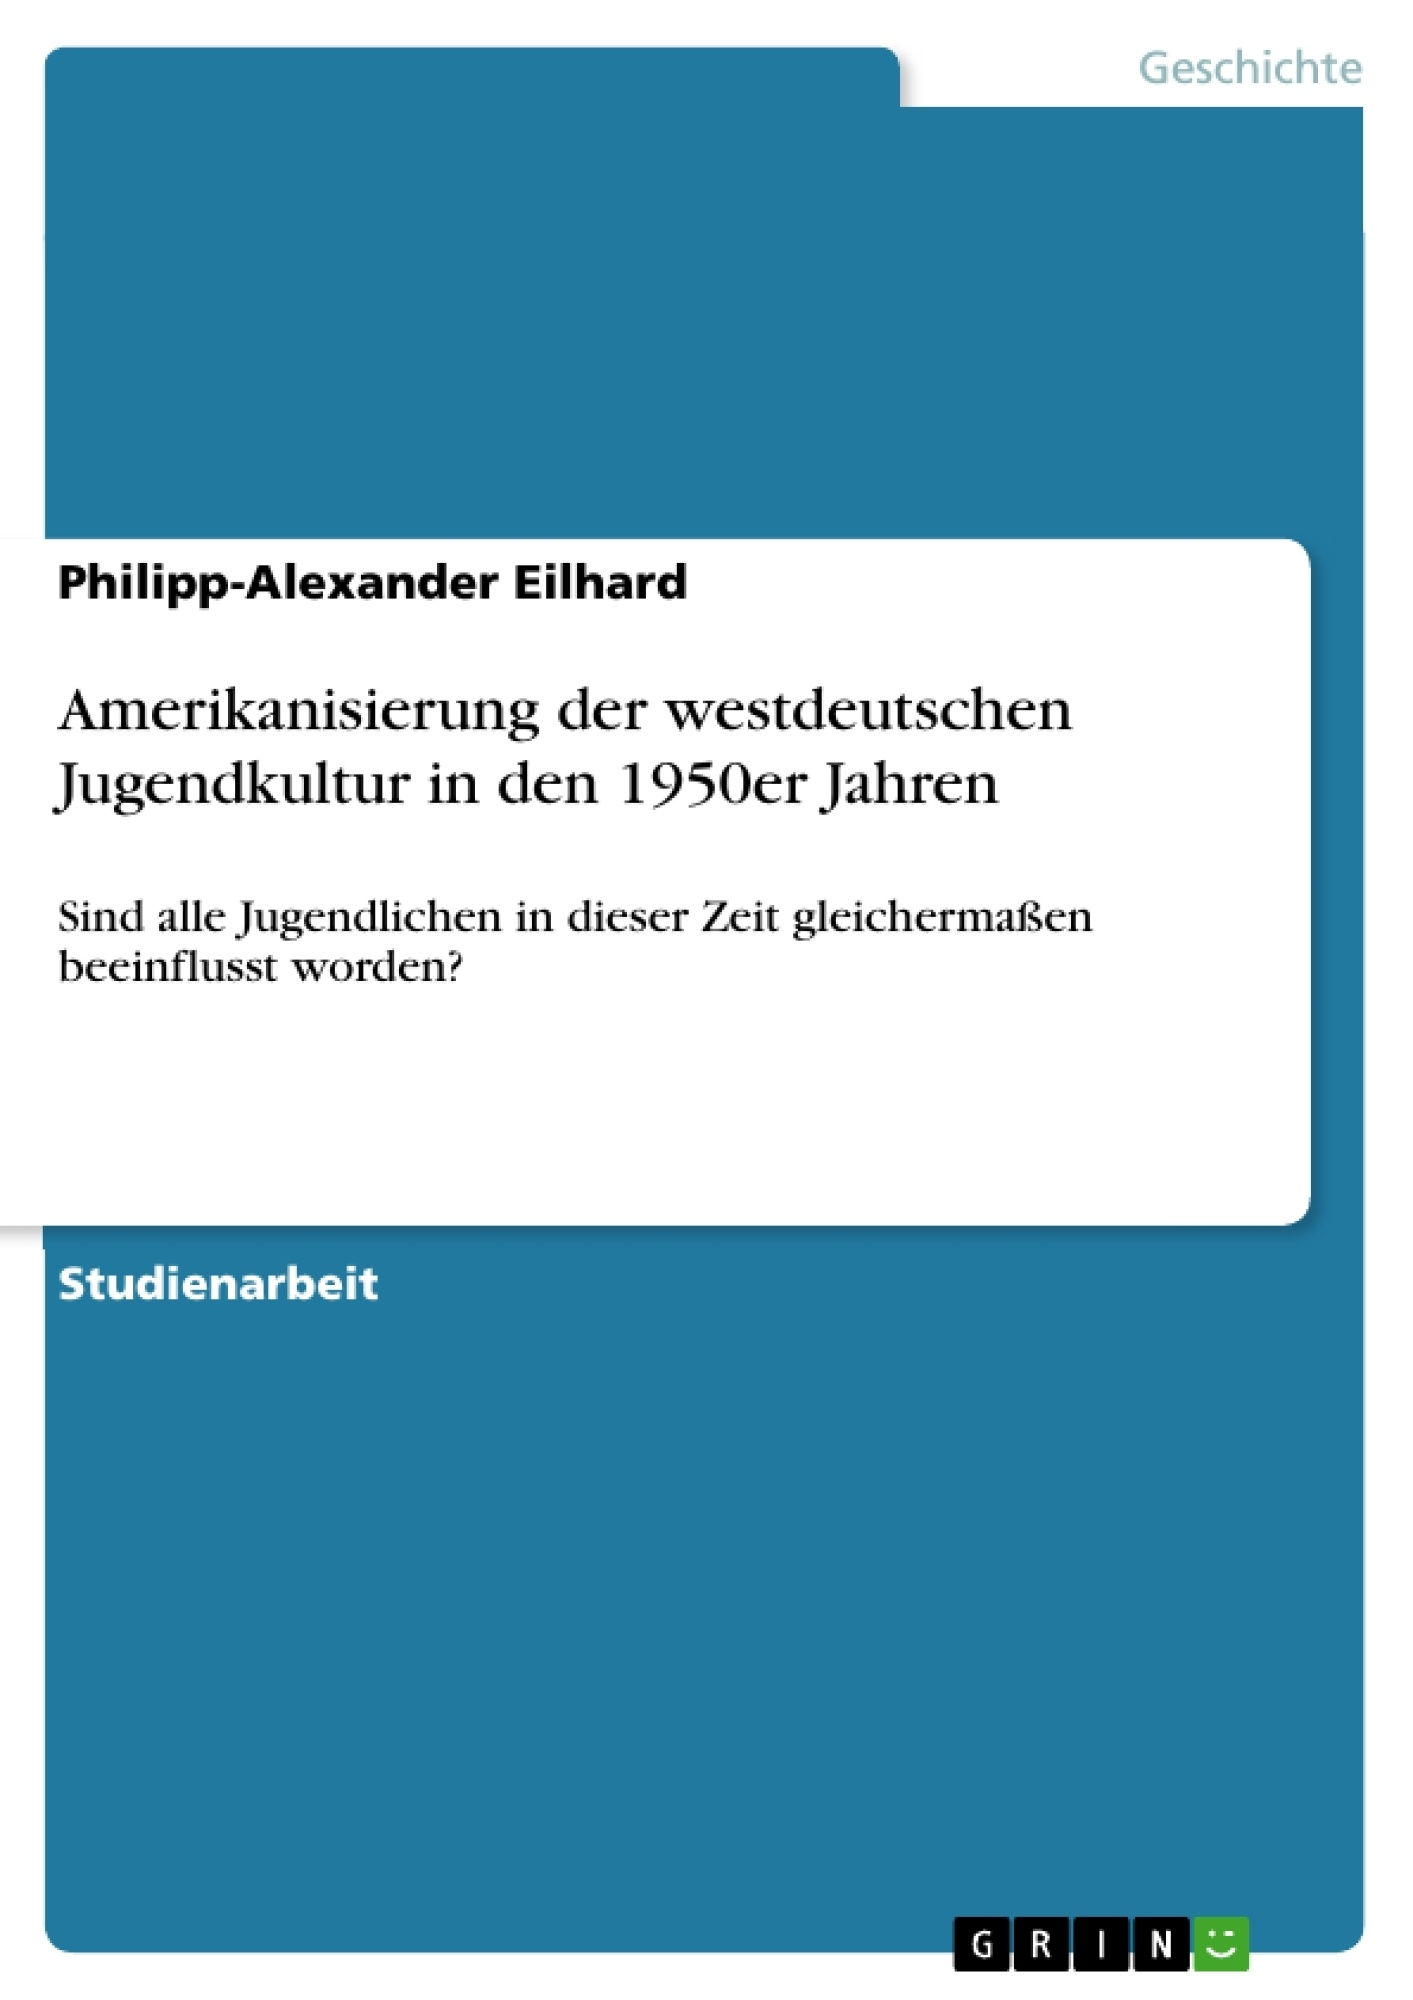 Titel: Amerikanisierung der westdeutschen Jugendkultur in den 1950er Jahren